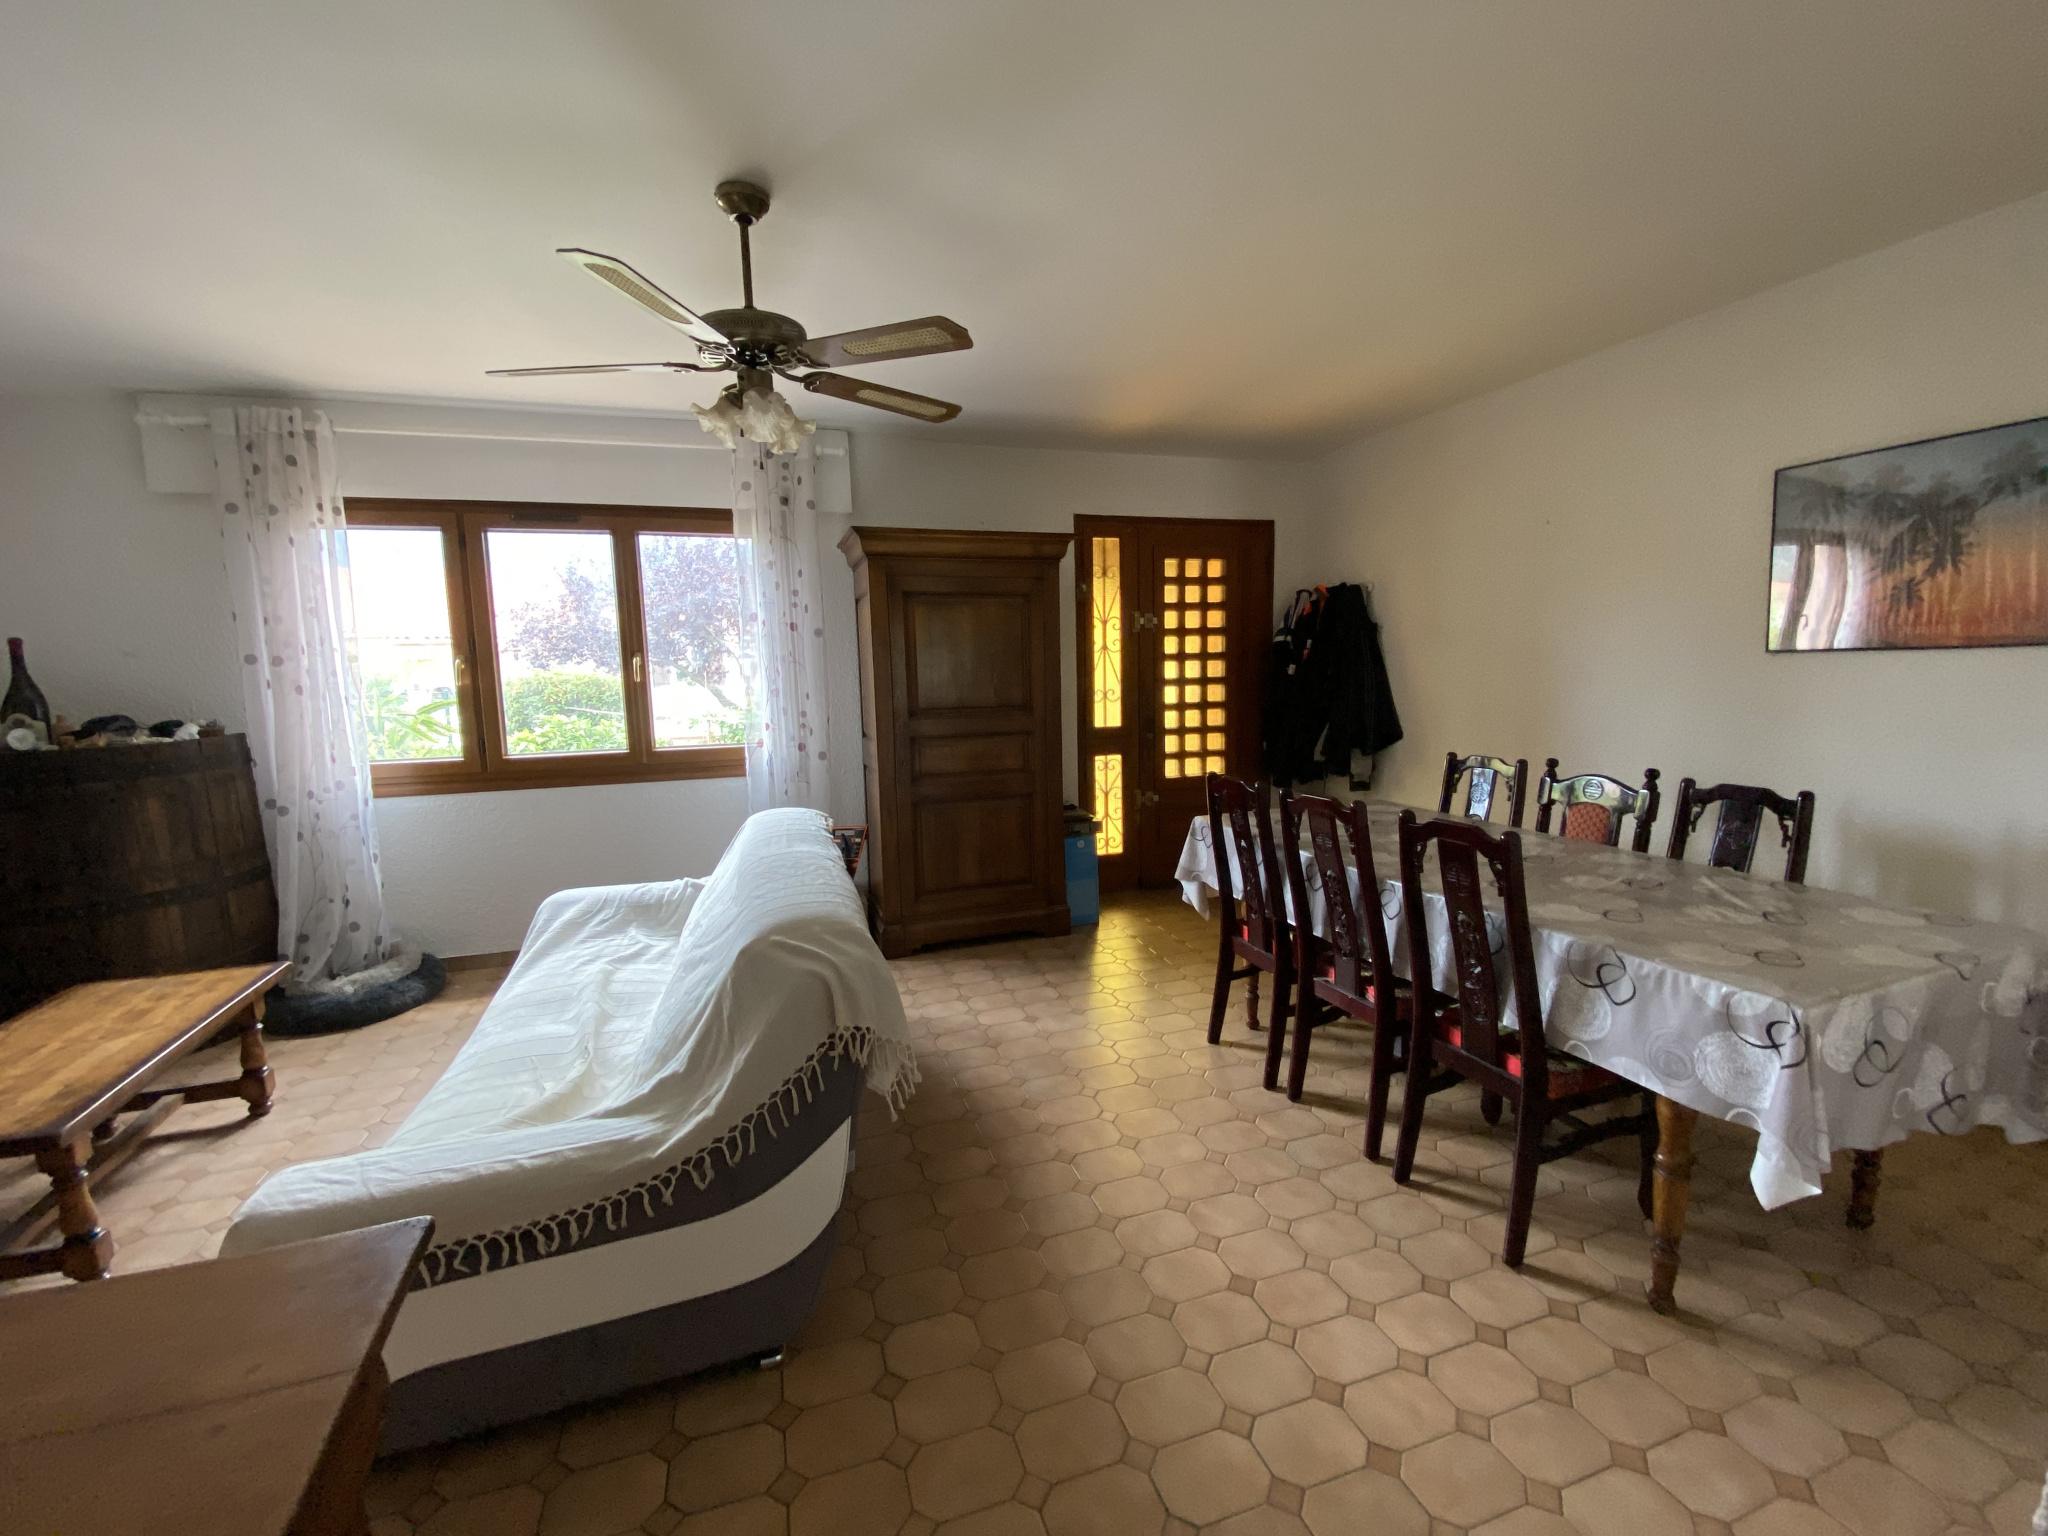 À vendre maison/villa de 90m2 à st genis des fontaines (66740) - Photo 3'